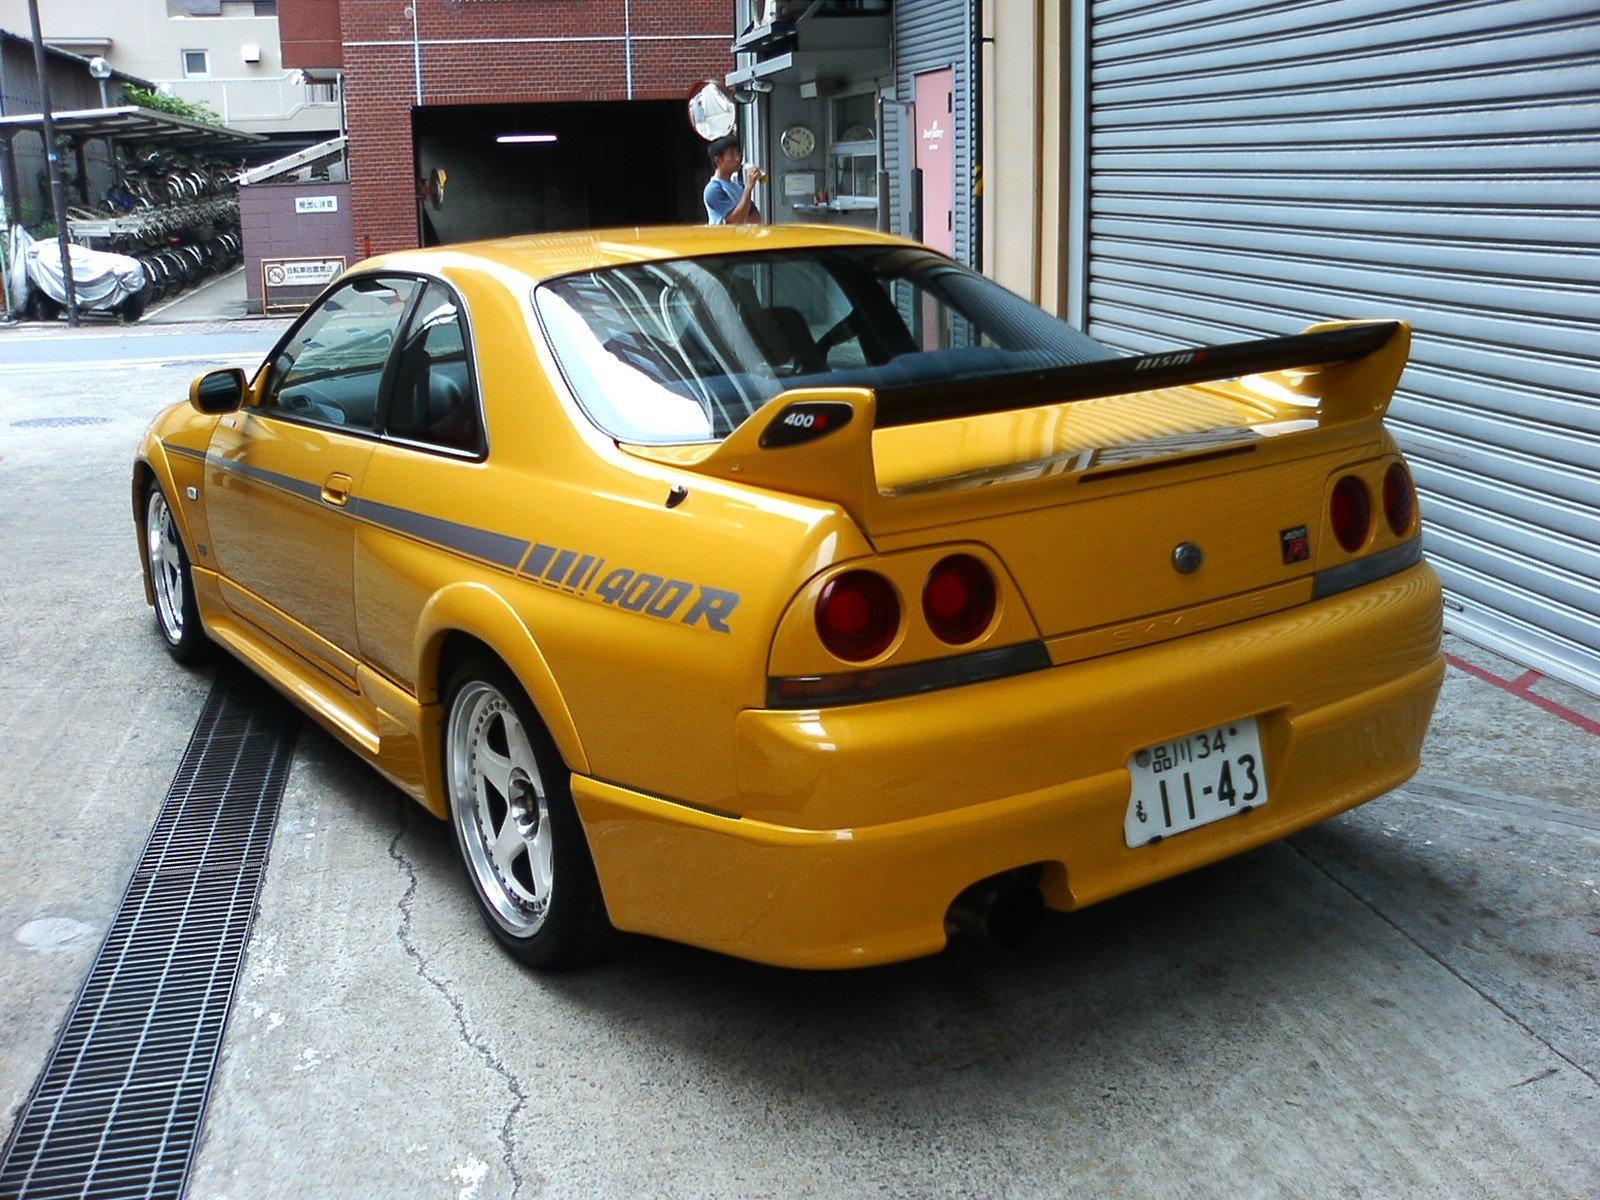 Nissan Skyline Gtr For Sale >> 1997 NISMO 400R - Supercars.net